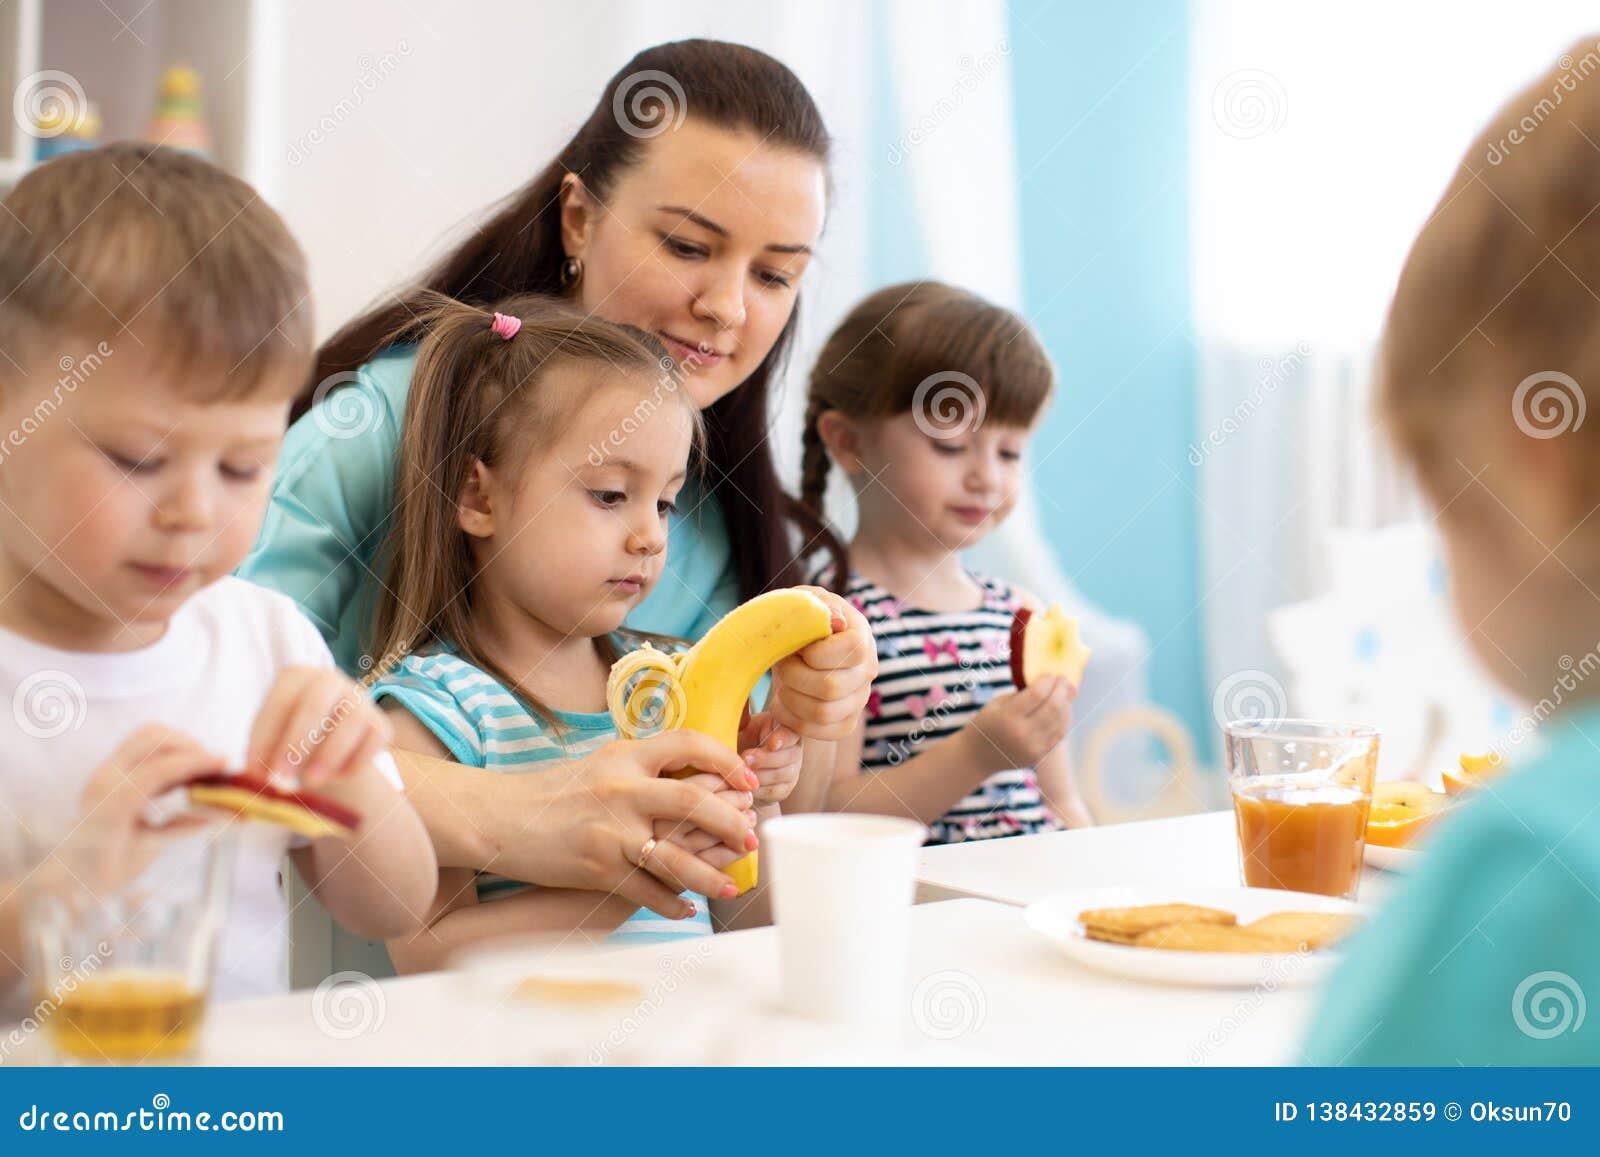 Kinder und Betreuer essen zusammen Früchte im Kindergarten oder im Kindertagesstätte